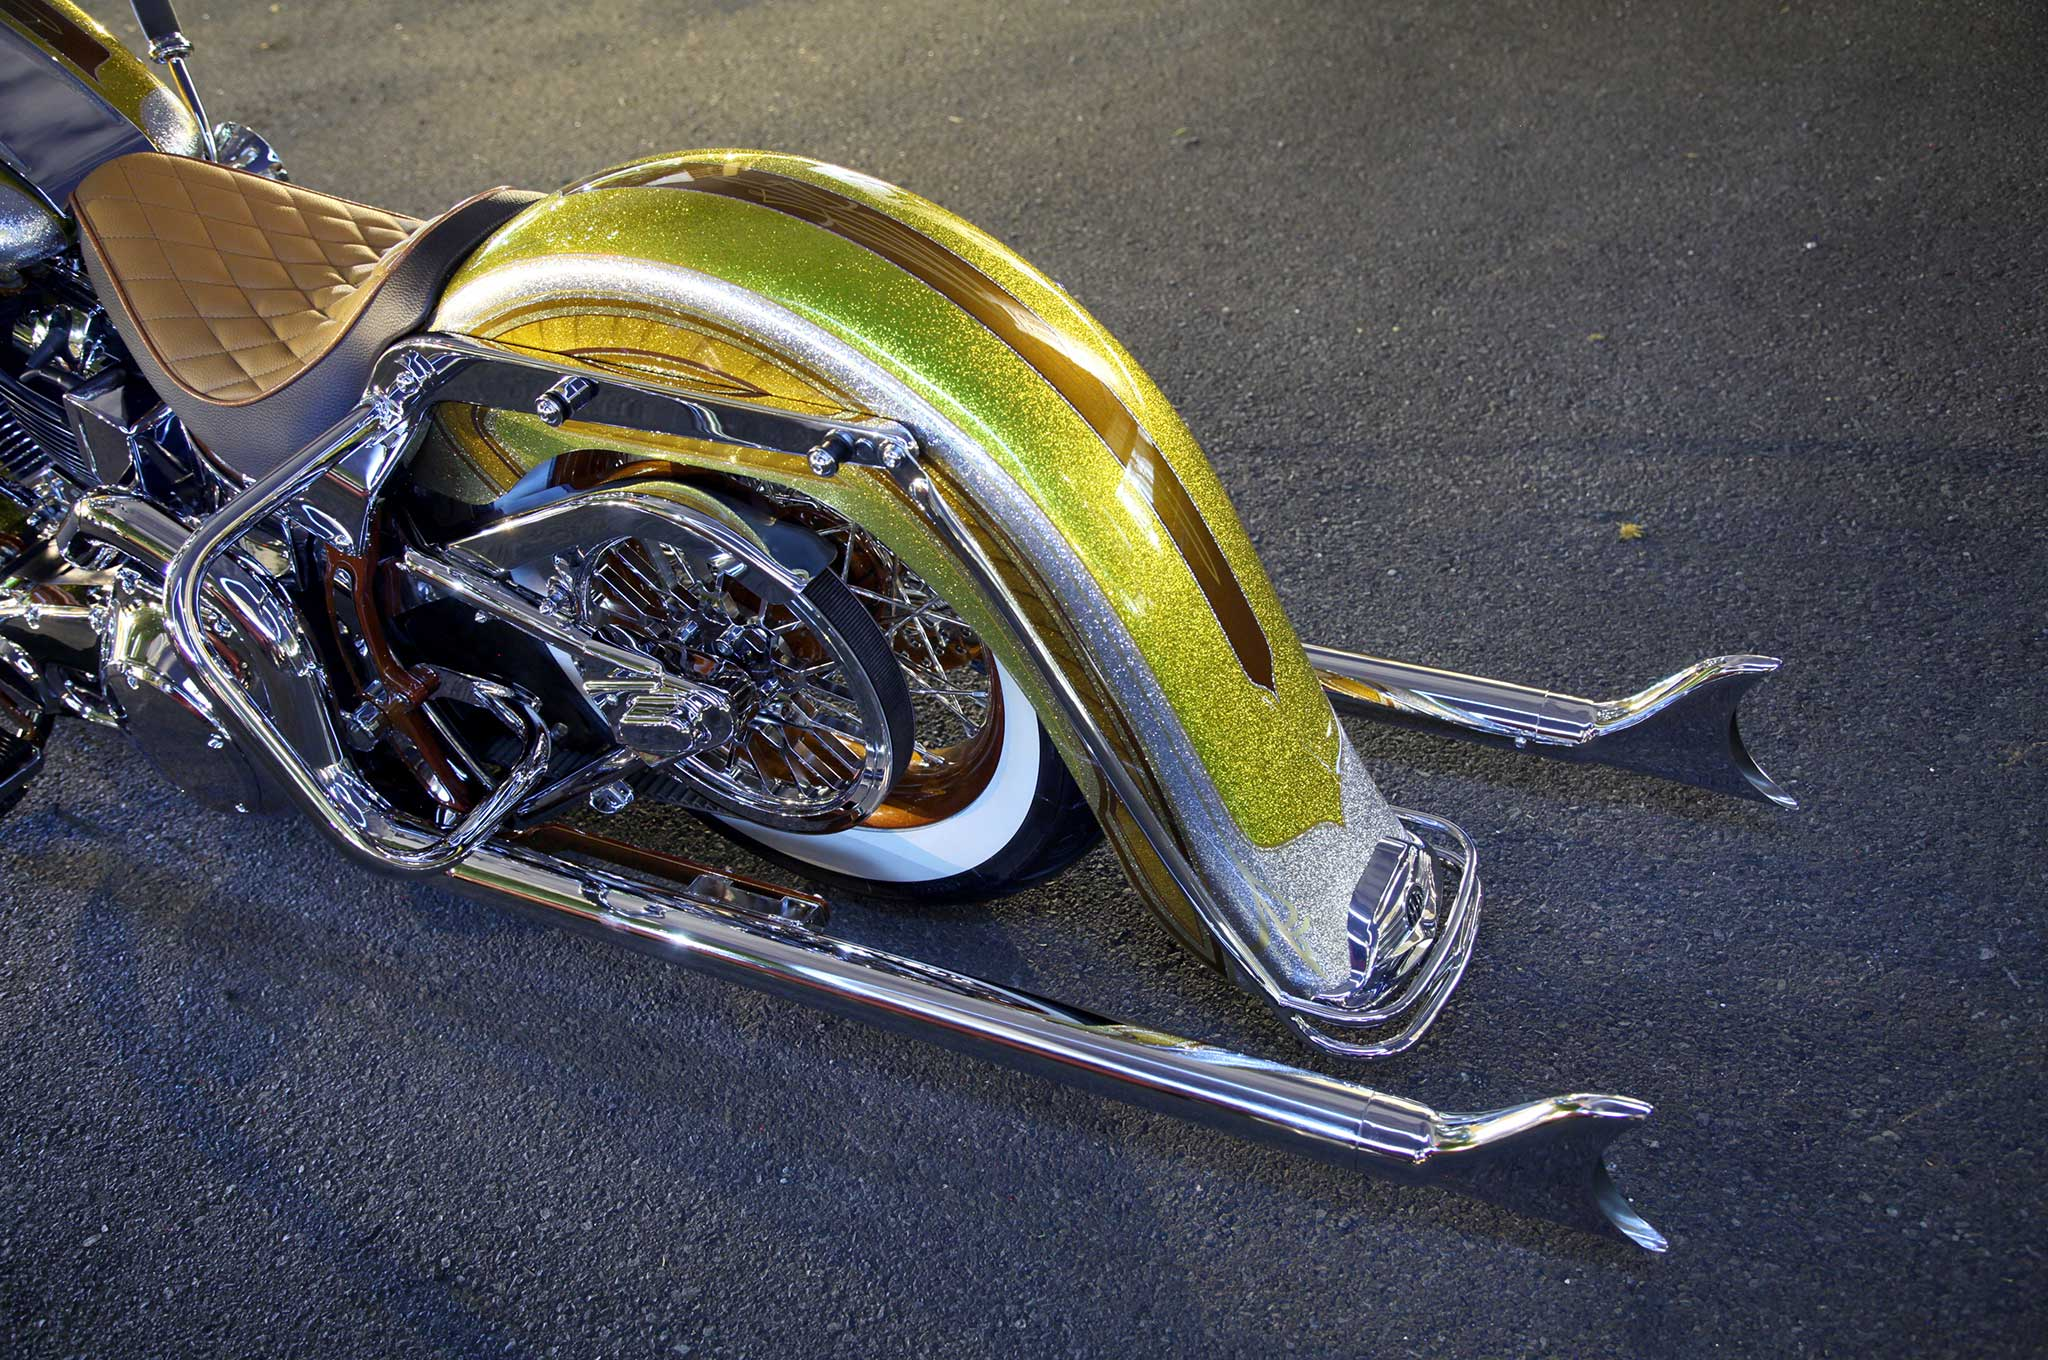 2005 Harley Davidson Softail Deluxe Exodus Lowrider